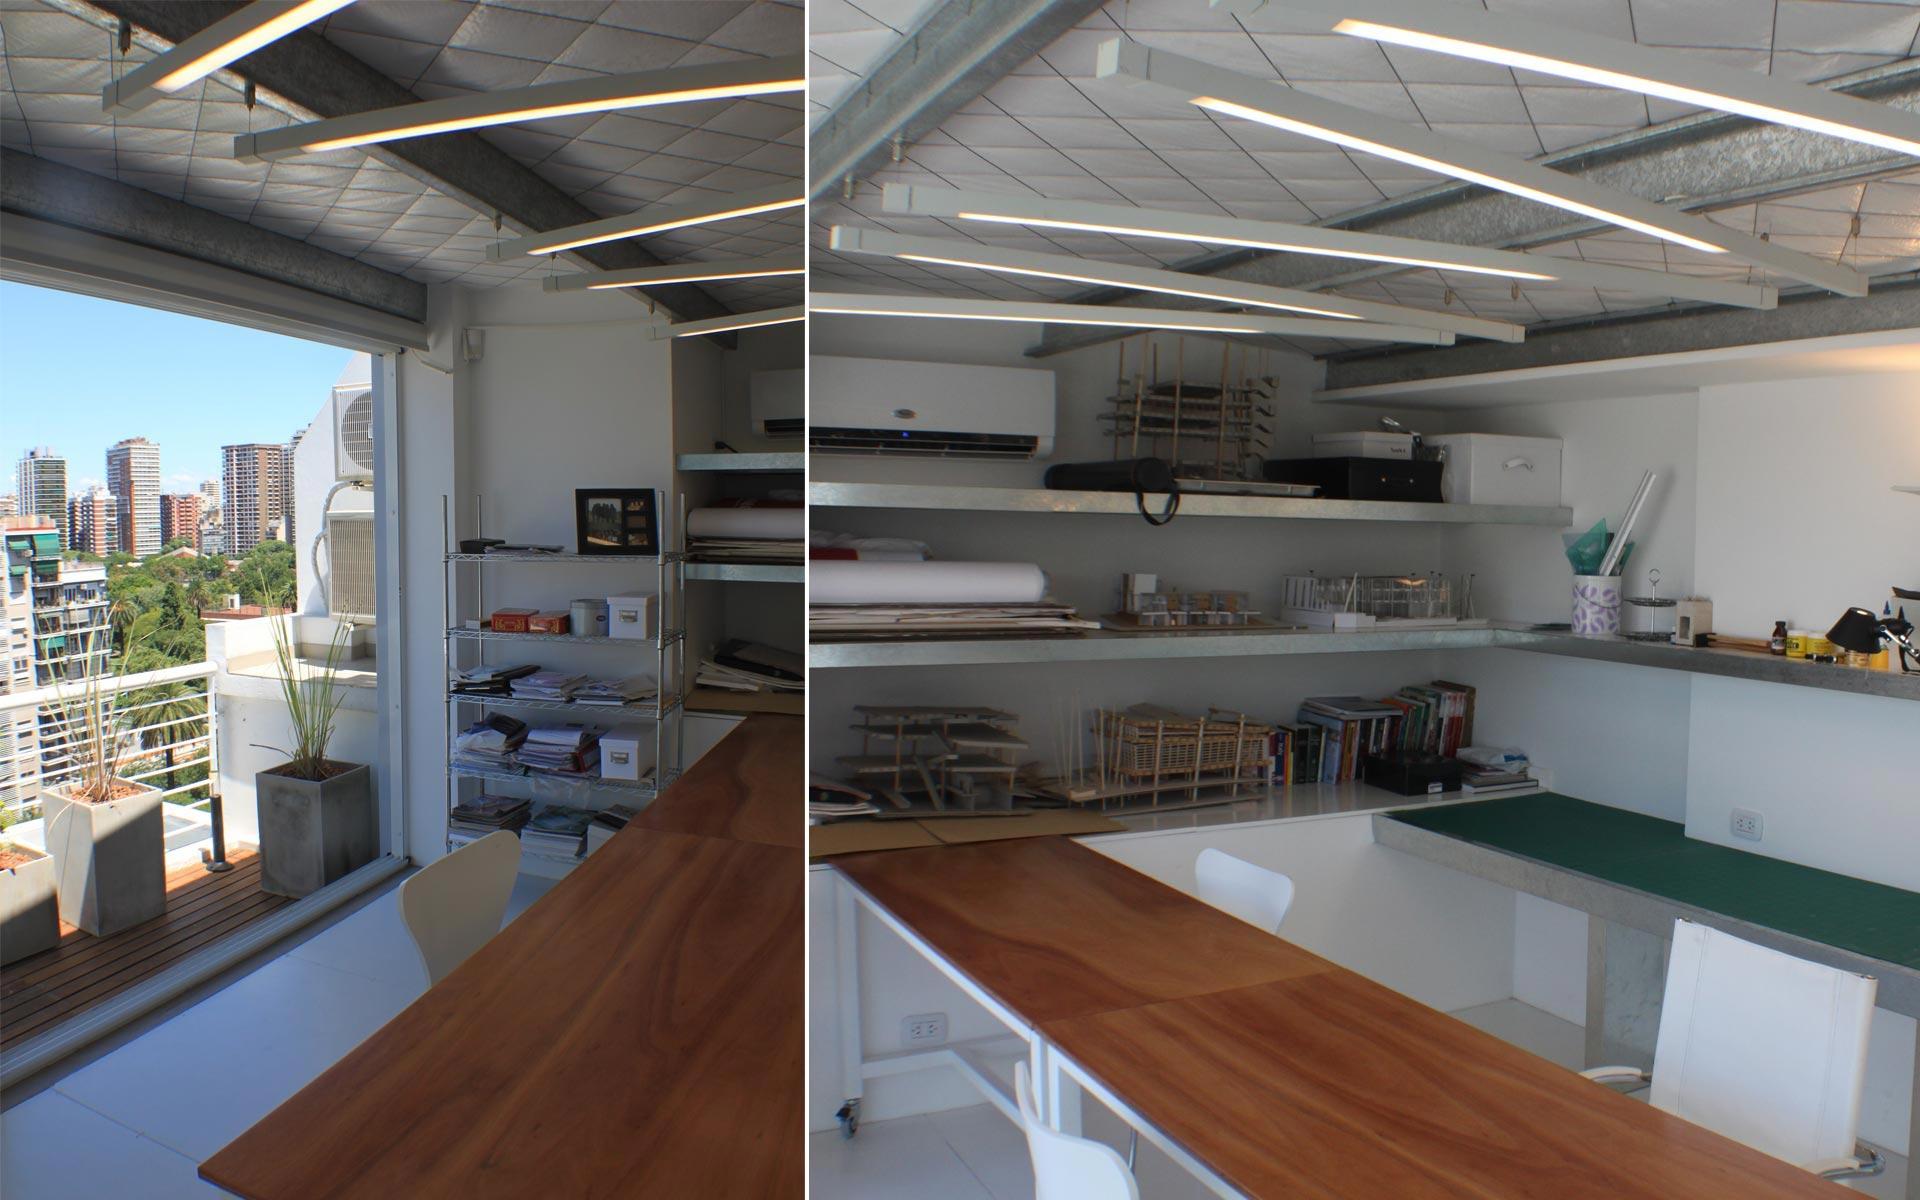 Reforma departamento, estudio moderno con techo de chapa agregado en la terraza, mesas de trabajo en madera y metal blanco y una mesada de superficie de corte